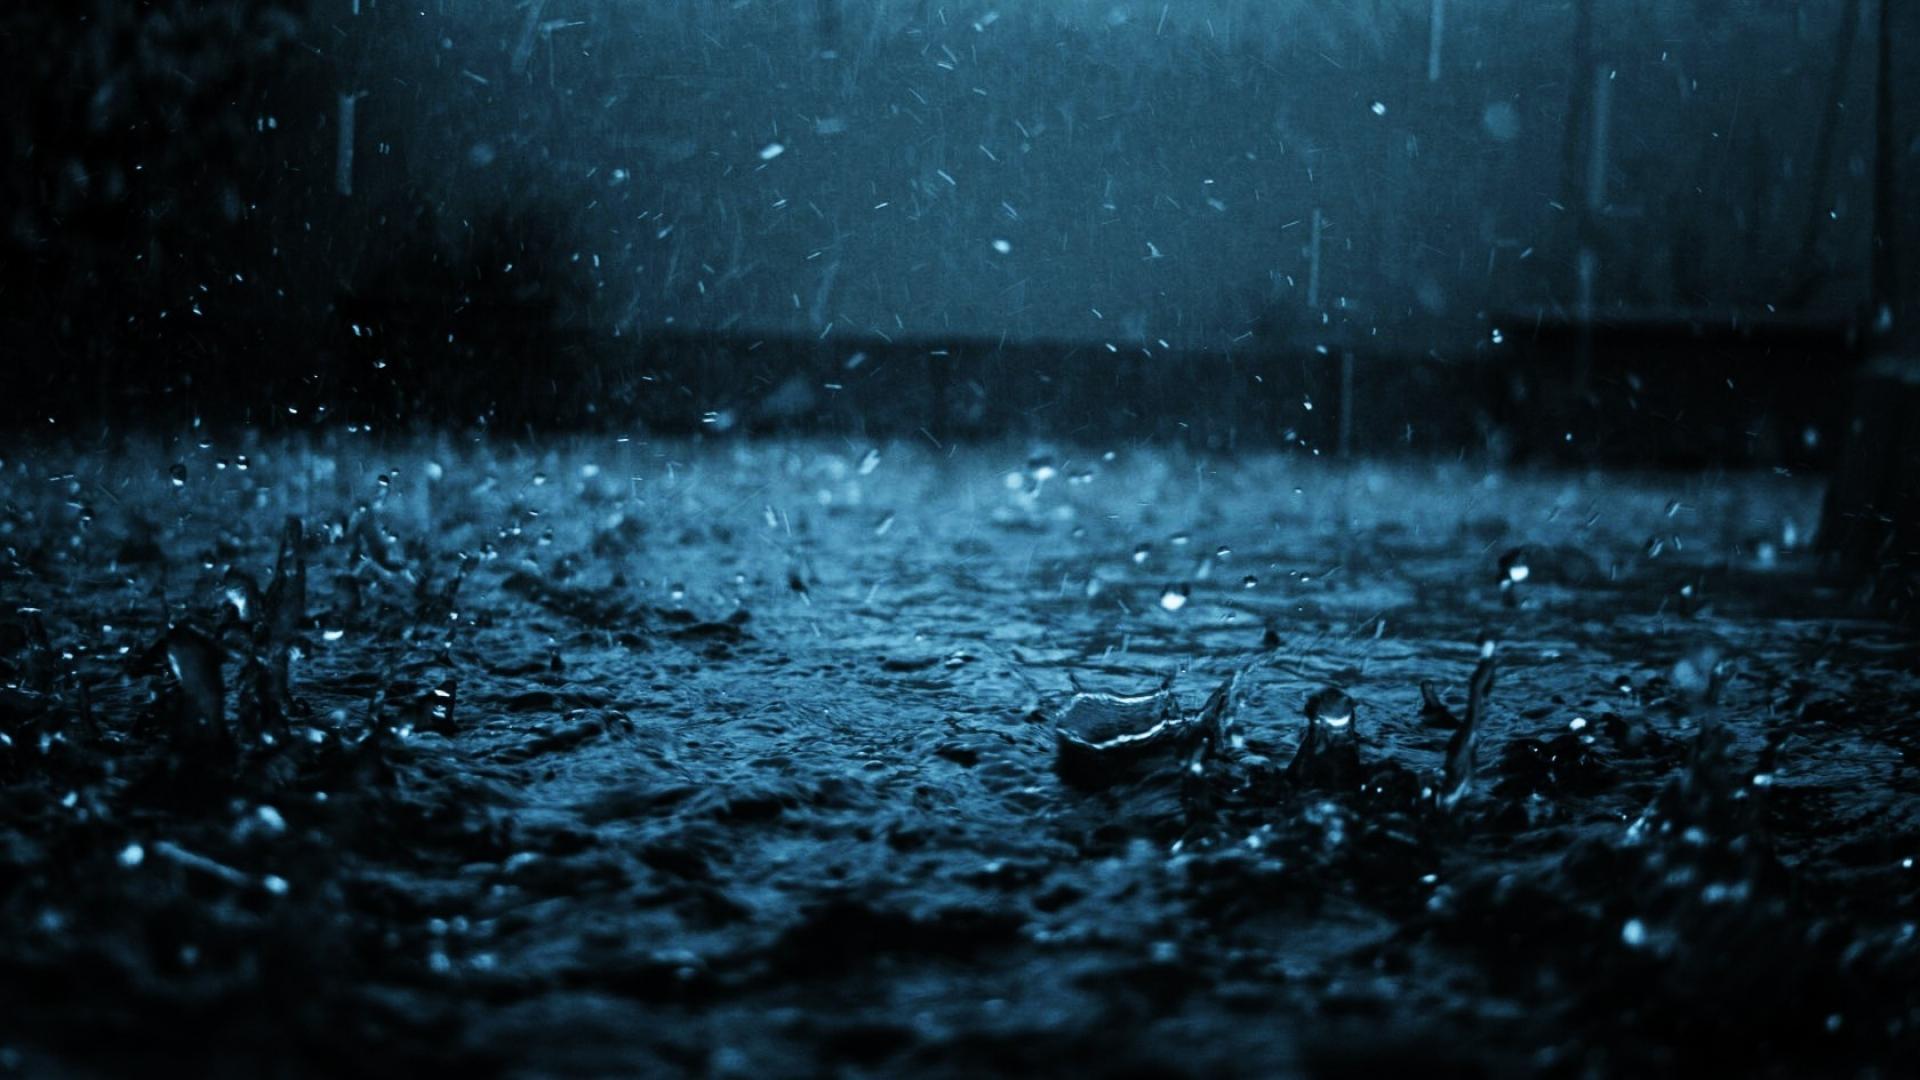 Rainy Wallpapers 1080p Wallpapersafari